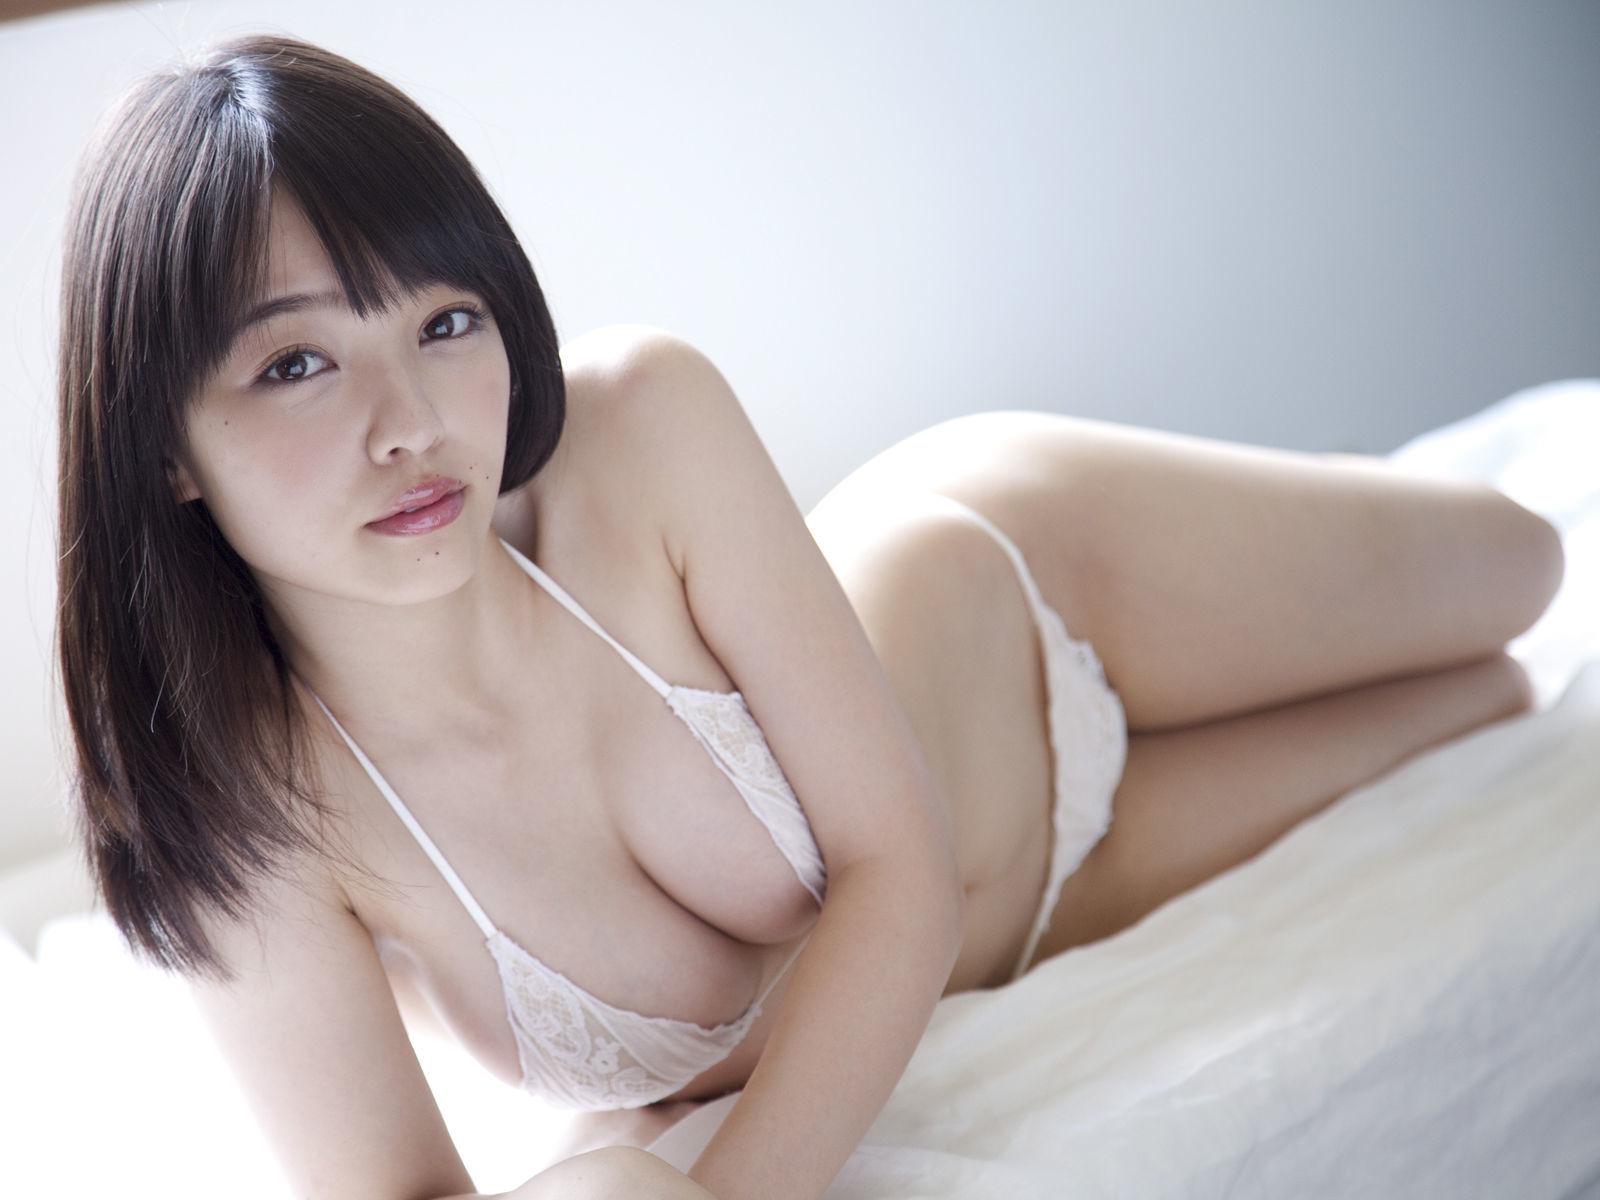 安藤遥32